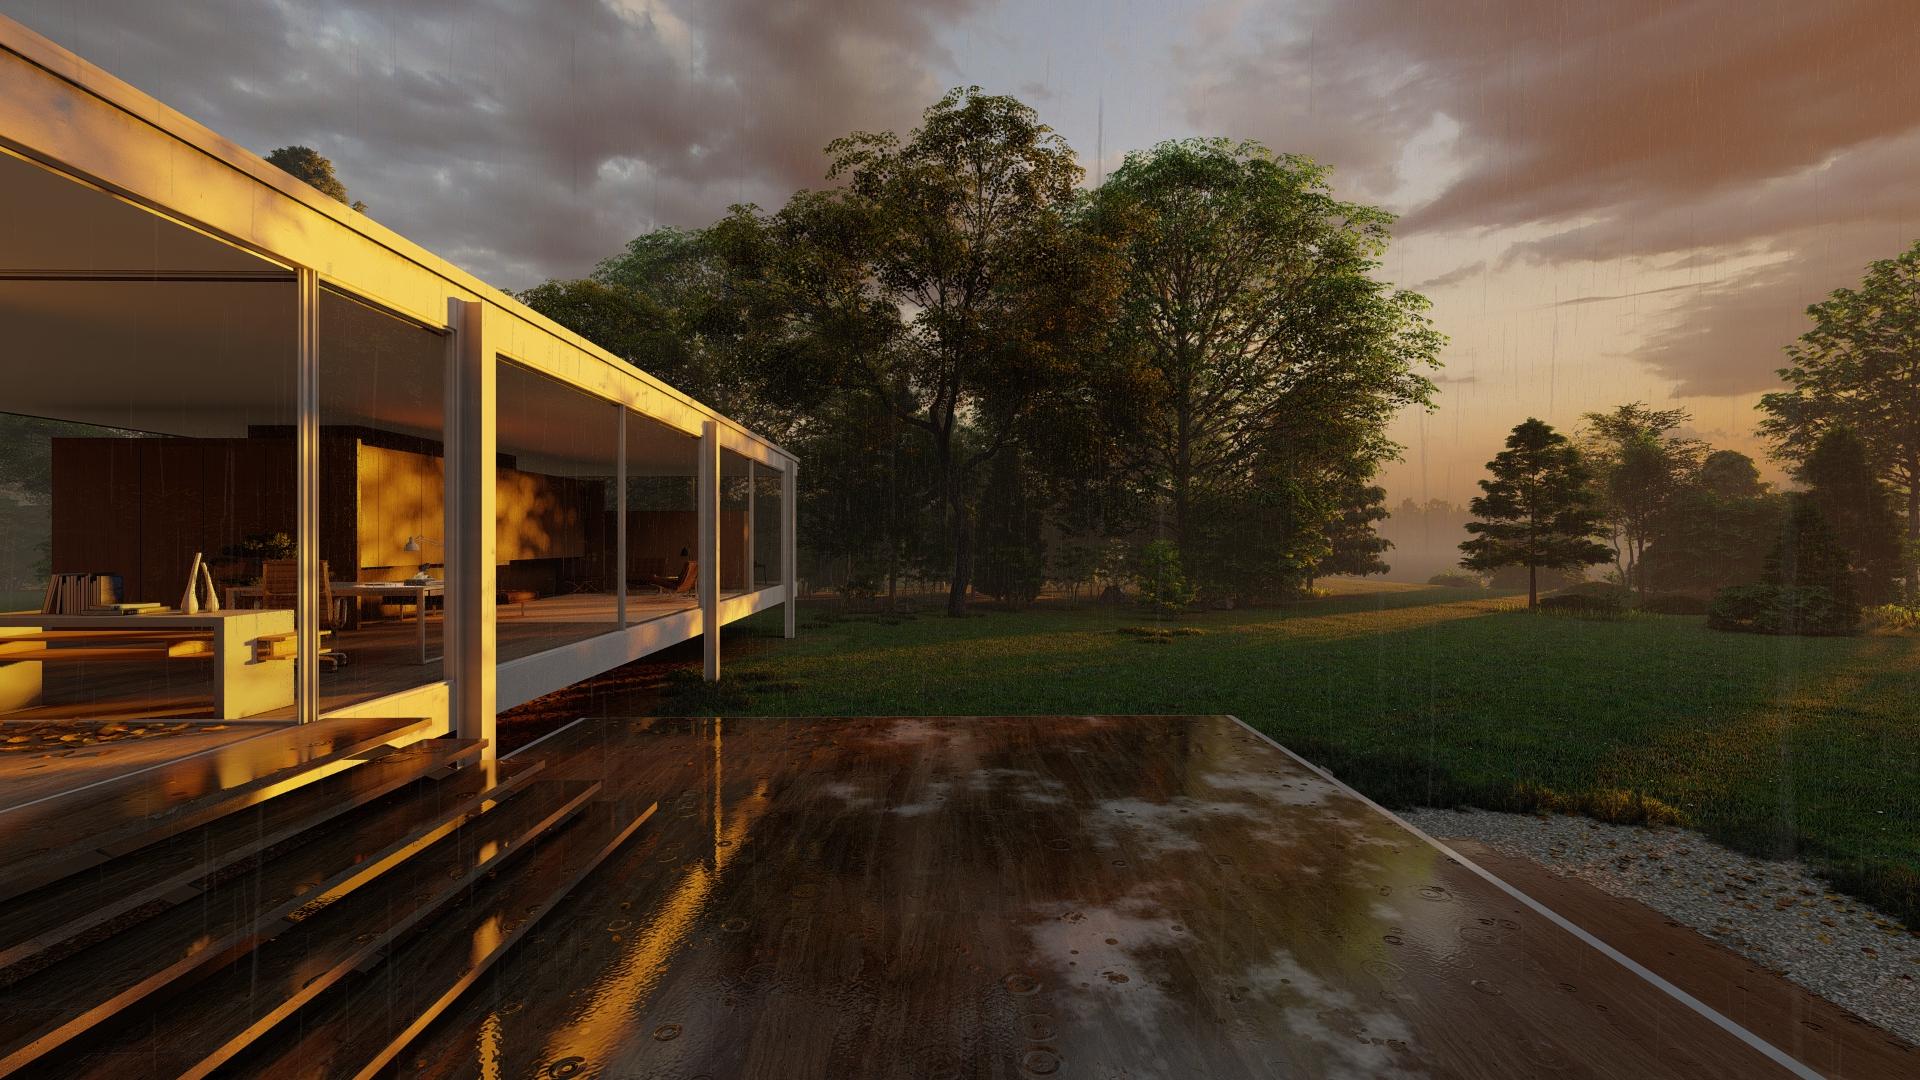 Farnsworth House on a Rainy Day